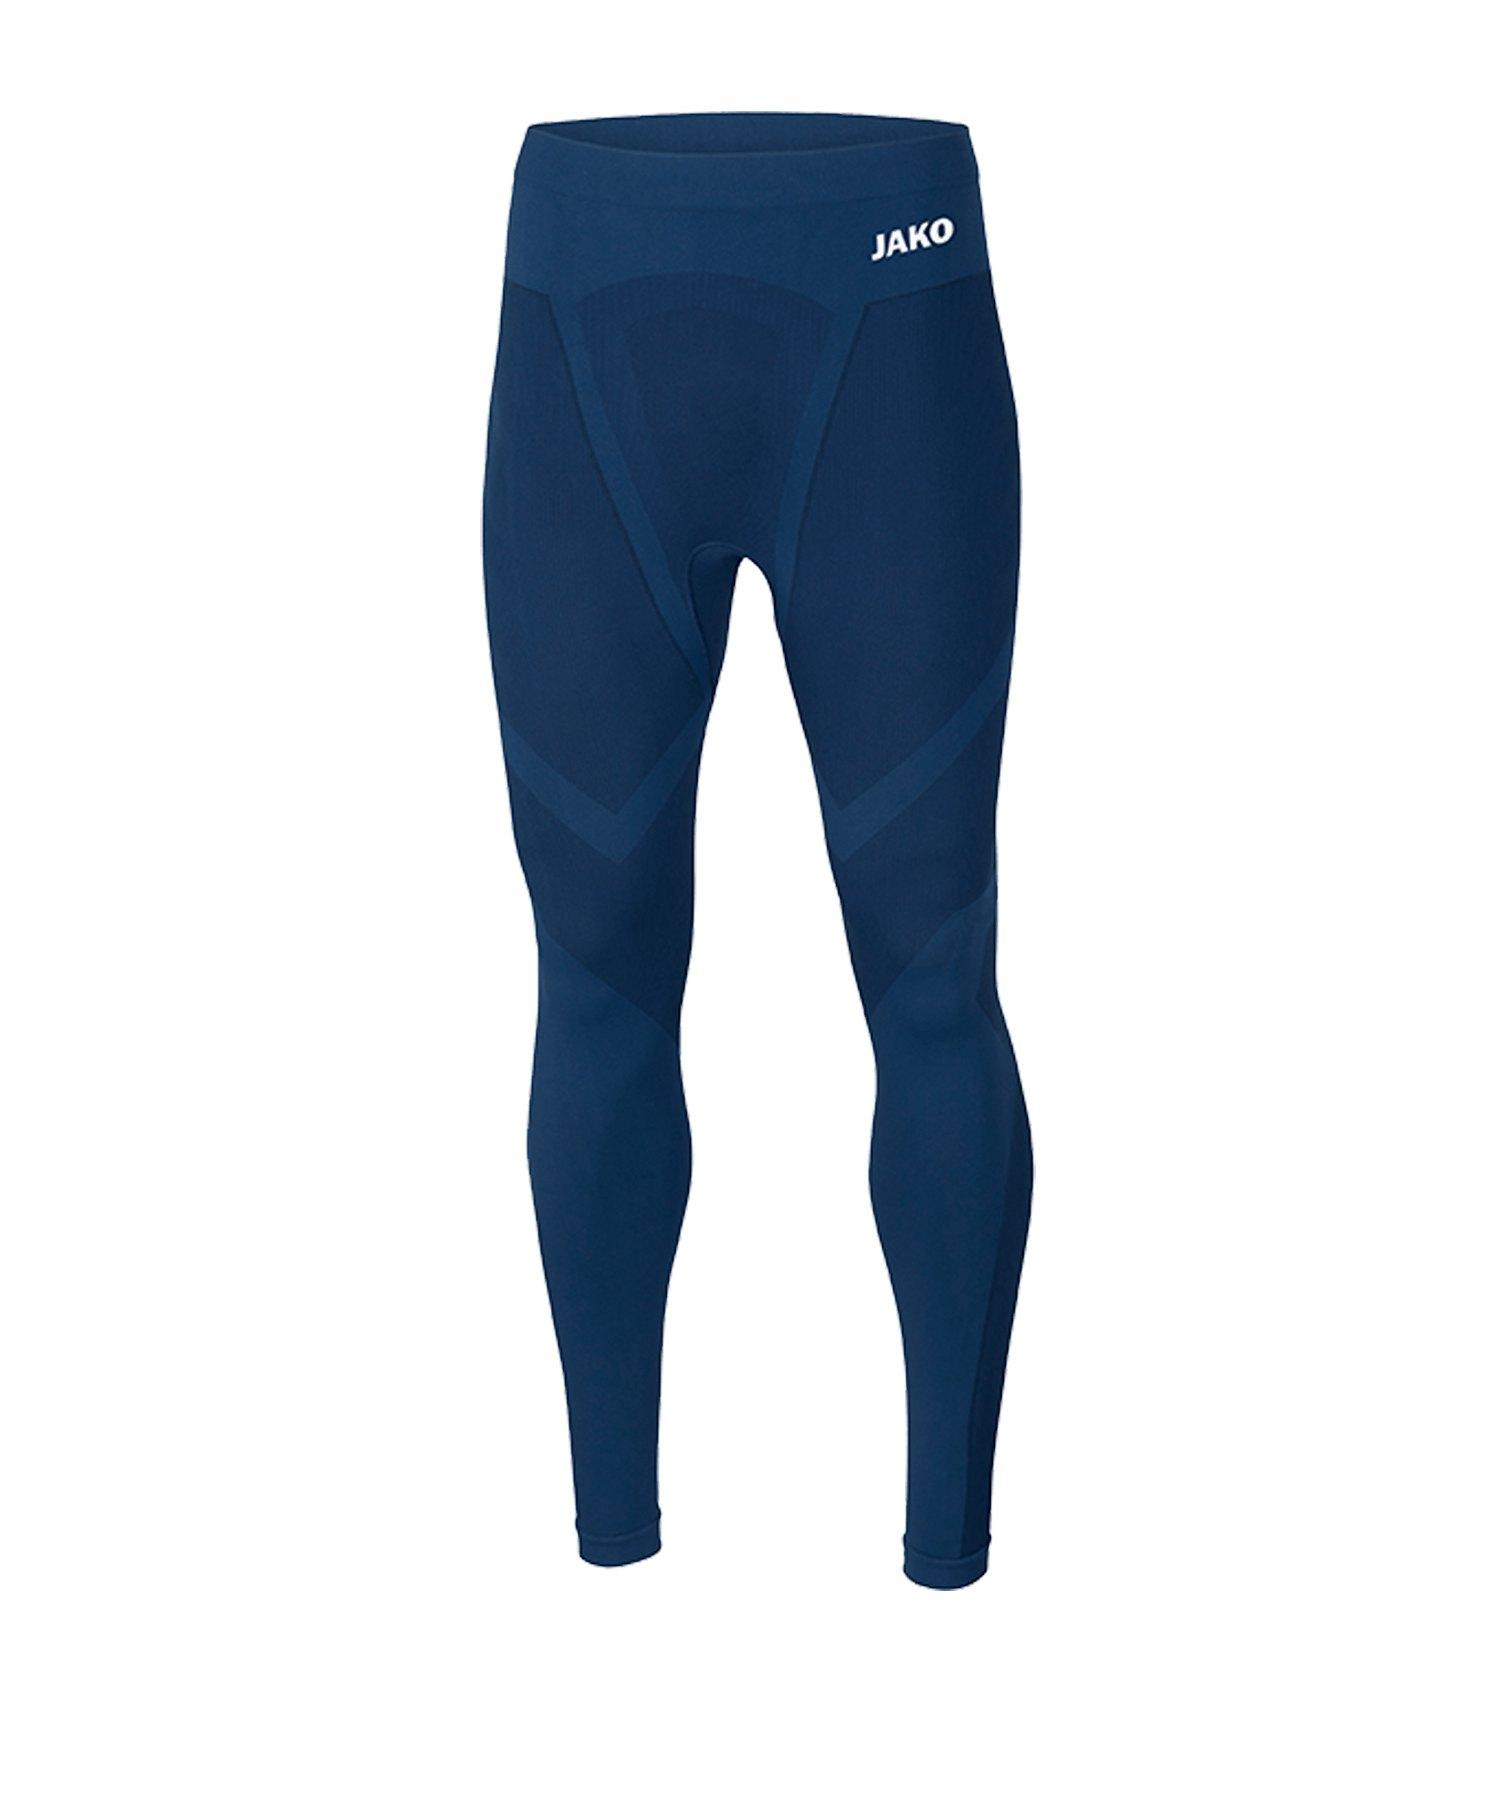 JAKO Comfort 2.0 Long Tight Kids Blau F09 - blau